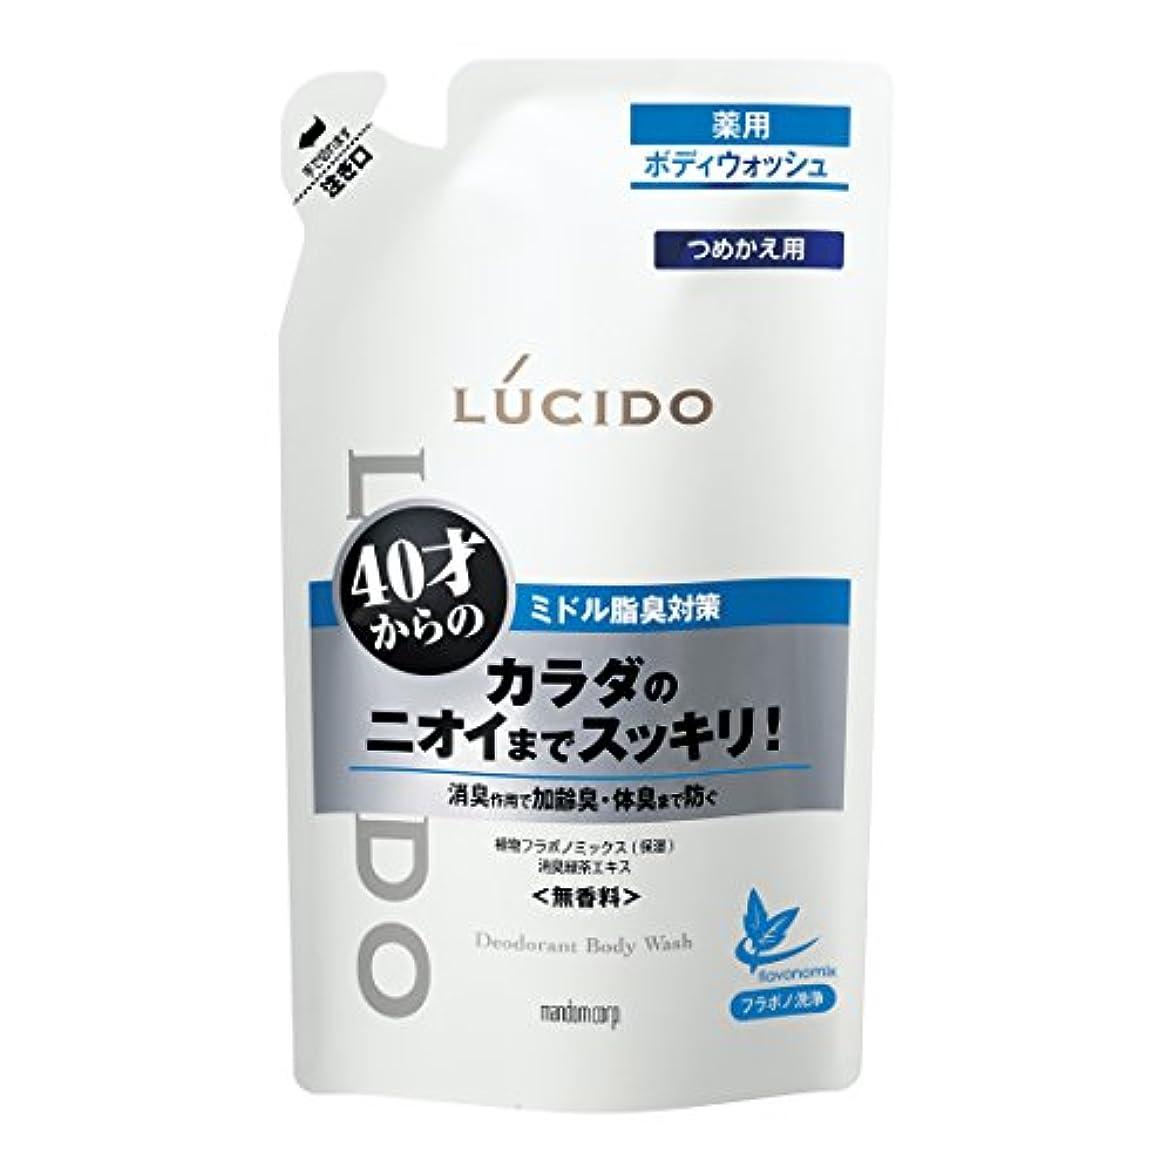 ルシード 薬用デオドラントボディウォッシュ つめかえ用 380mL (医薬部外品)